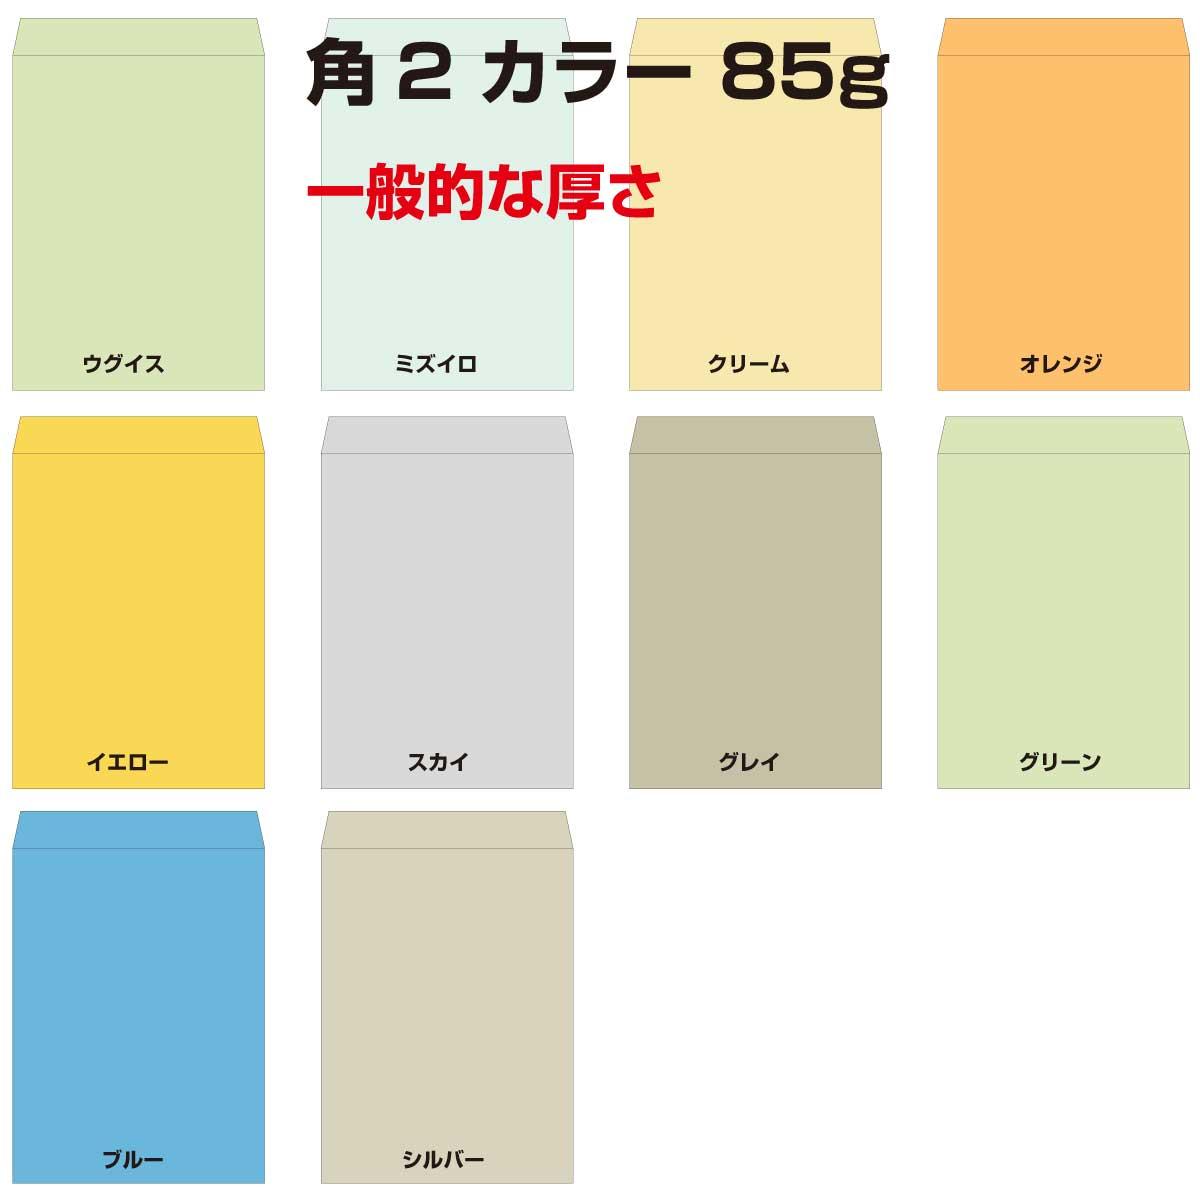 角2 カラー 選べる10色 封筒 a4封筒 500枚 ついに再販開始 85g 新着セール 角形2号封筒 事務封筒 a4 カラー封筒 定型外郵便 クラフトカラー 10色 角2封筒